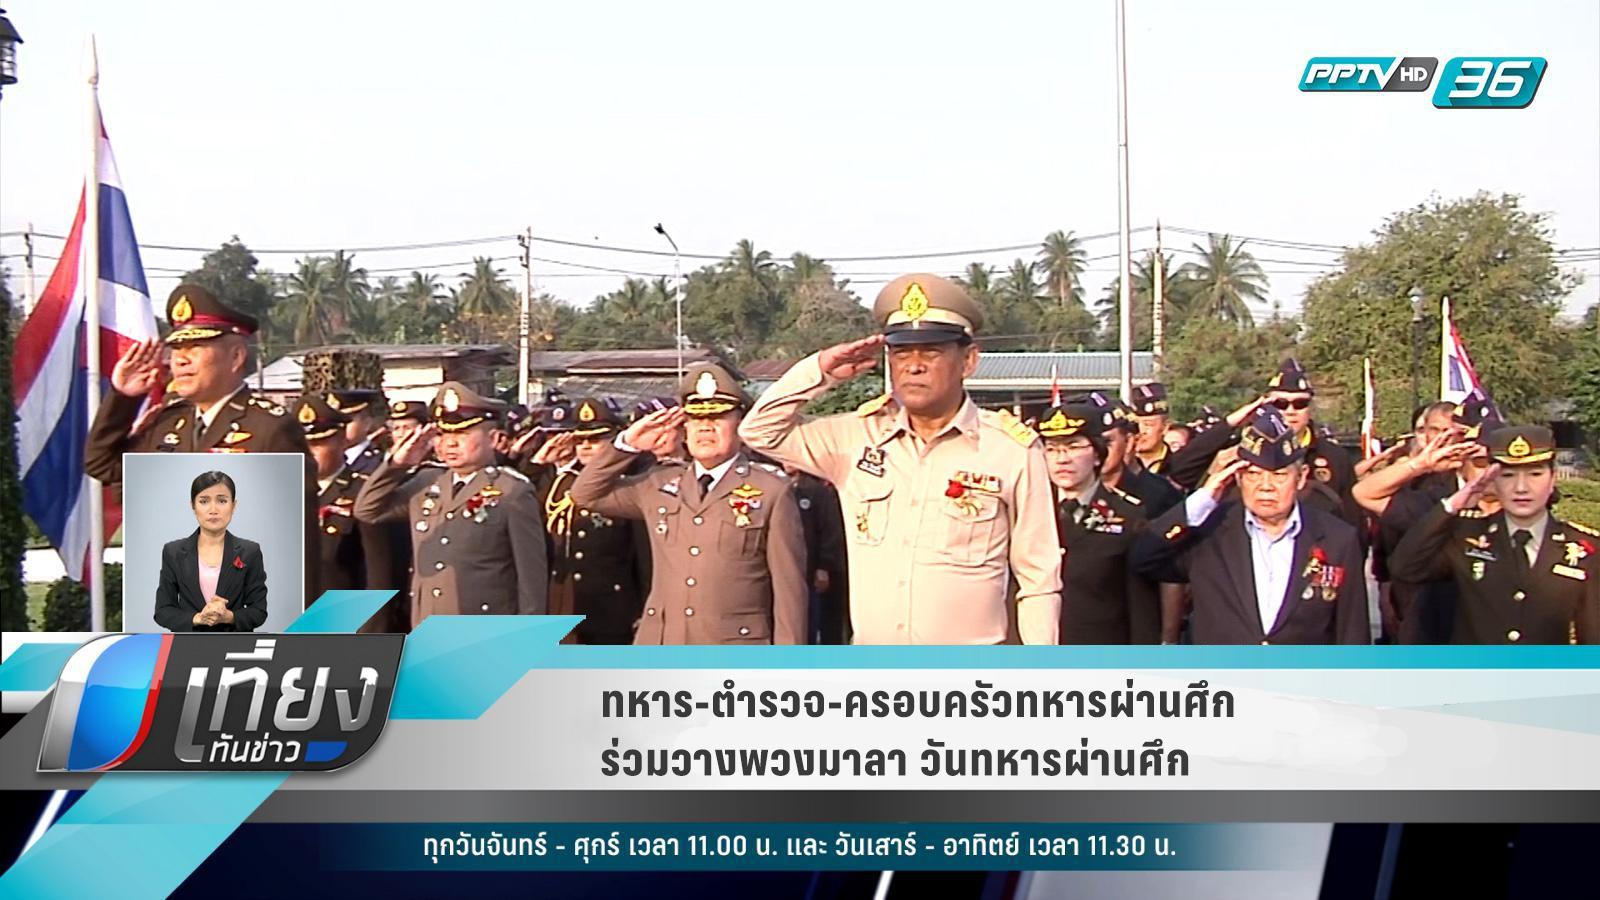 ทหาร-ตำรวจ-ครอบครัวทหารผ่านศึก ร่วมวางพวงมาลา วันทหารผ่านศึก